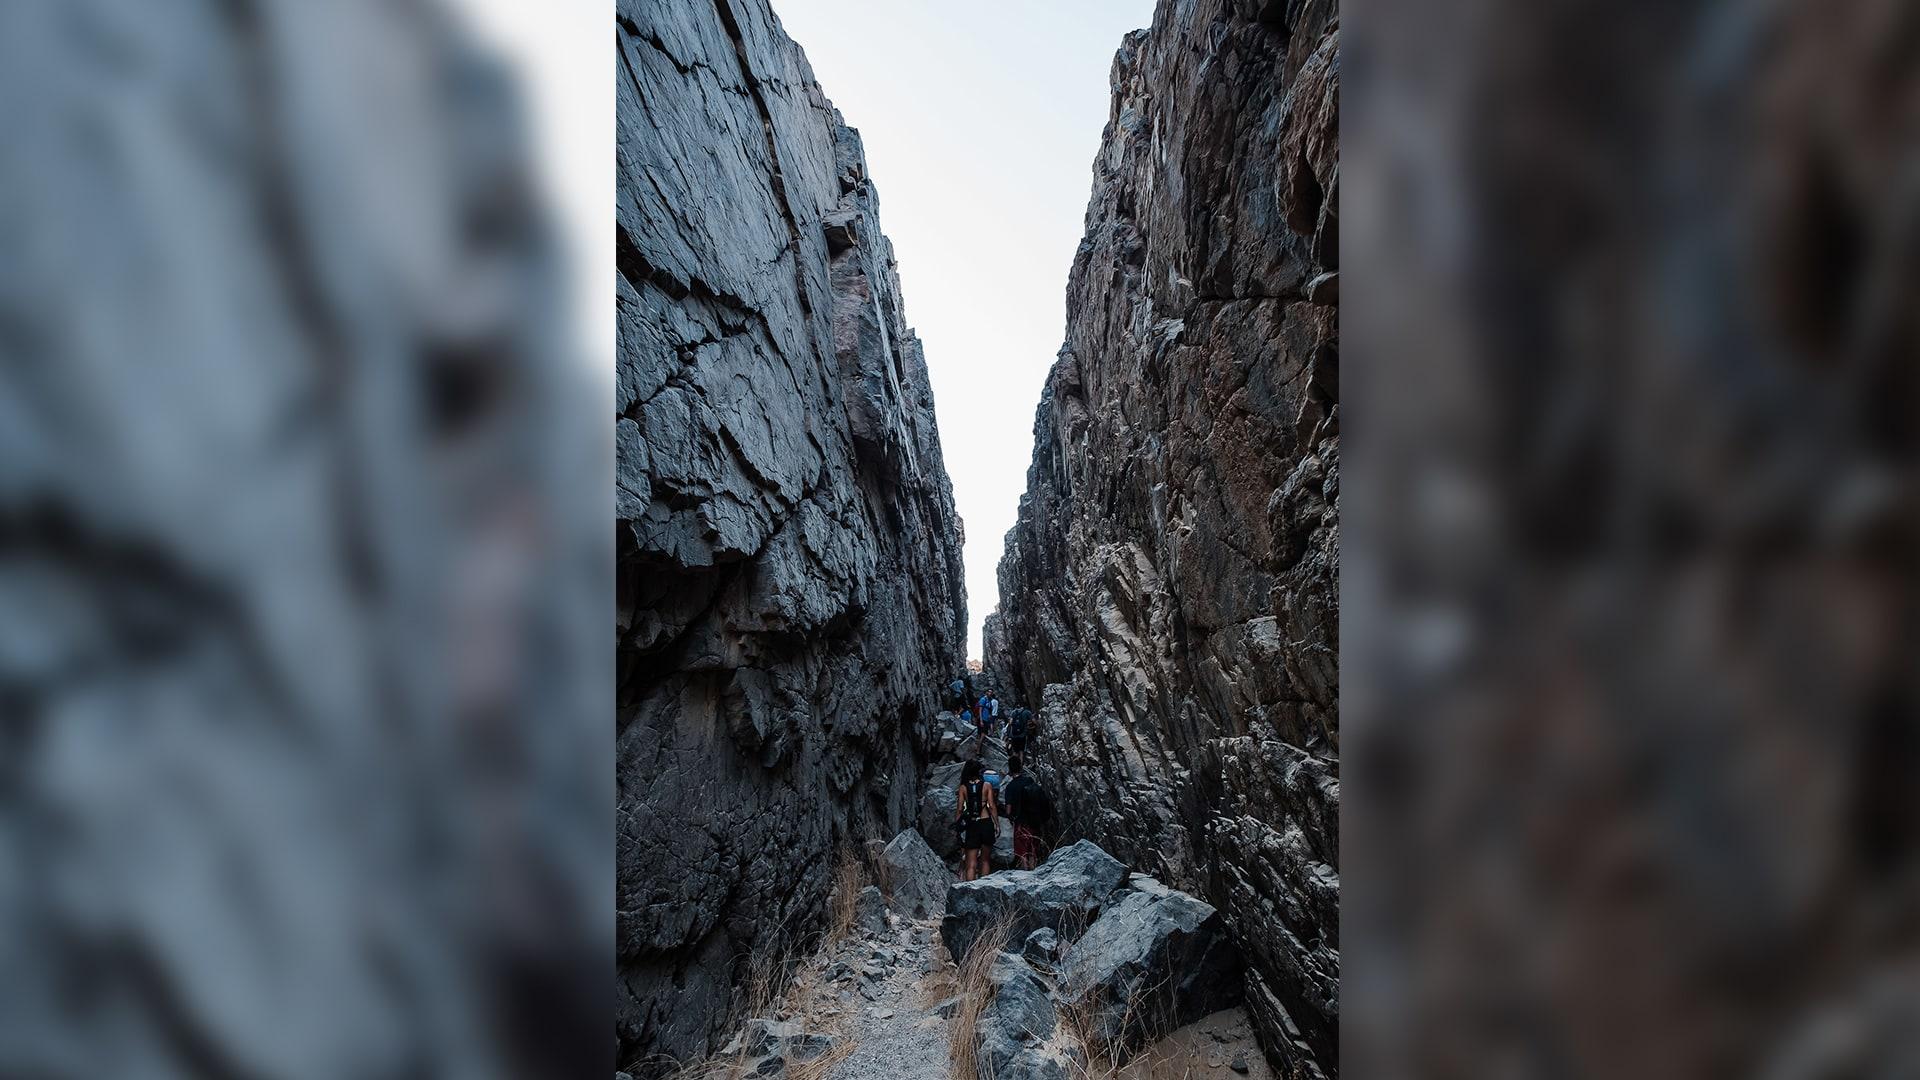 فريق المشي على الجبال يبرز جانباً آخراً لمدينة الجونة.. فما هو؟